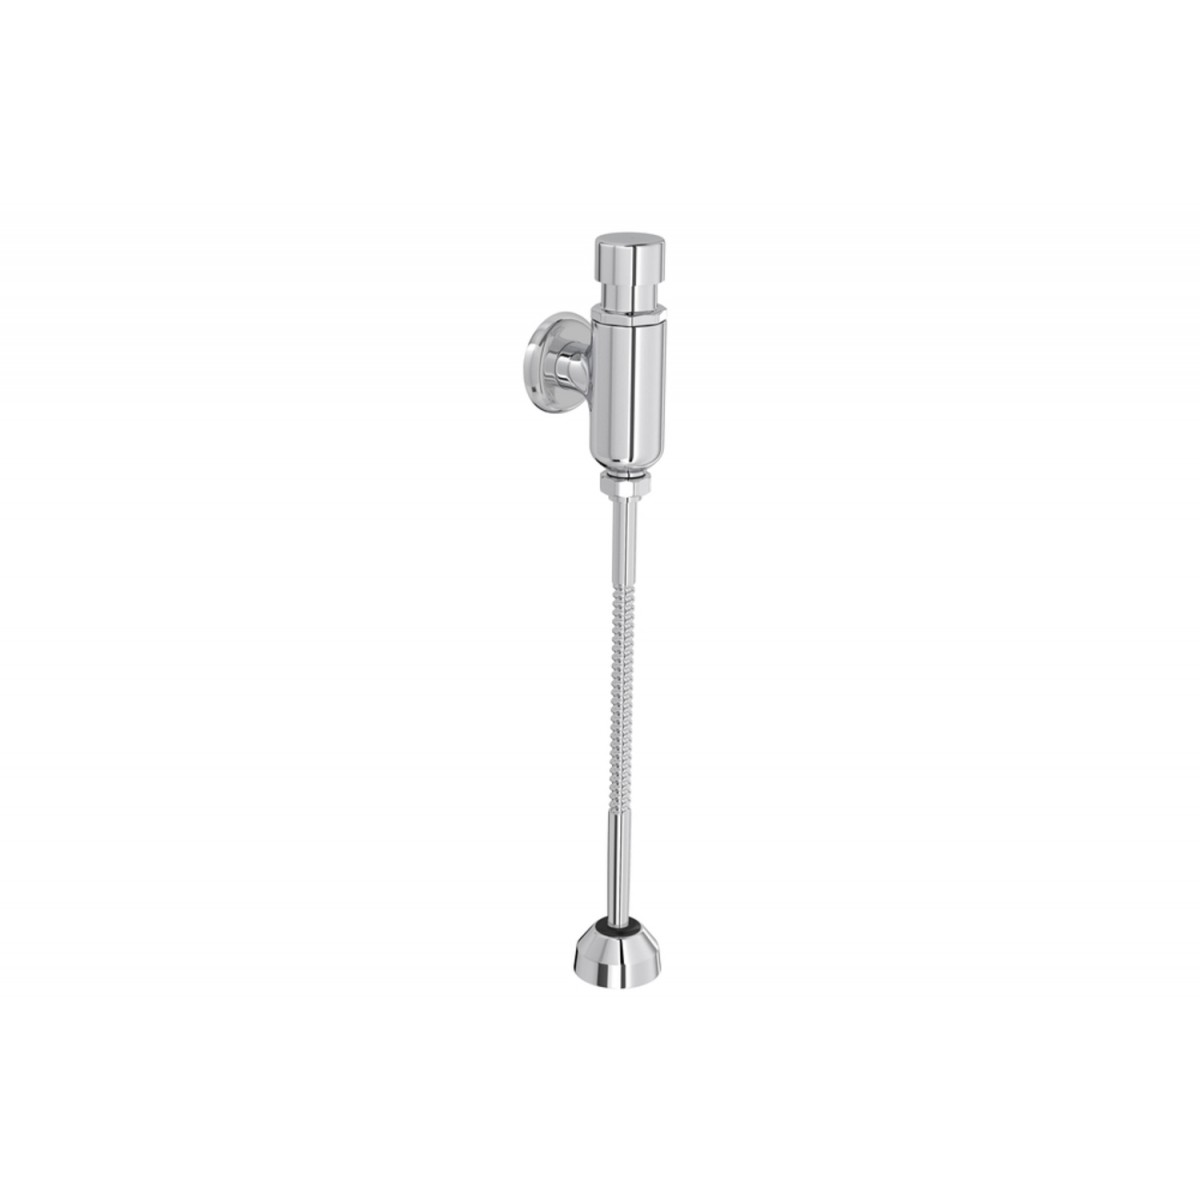 Válvula de Mictório Com Fechamento Automático Decamatic Eco Deca Ref. 2573.C